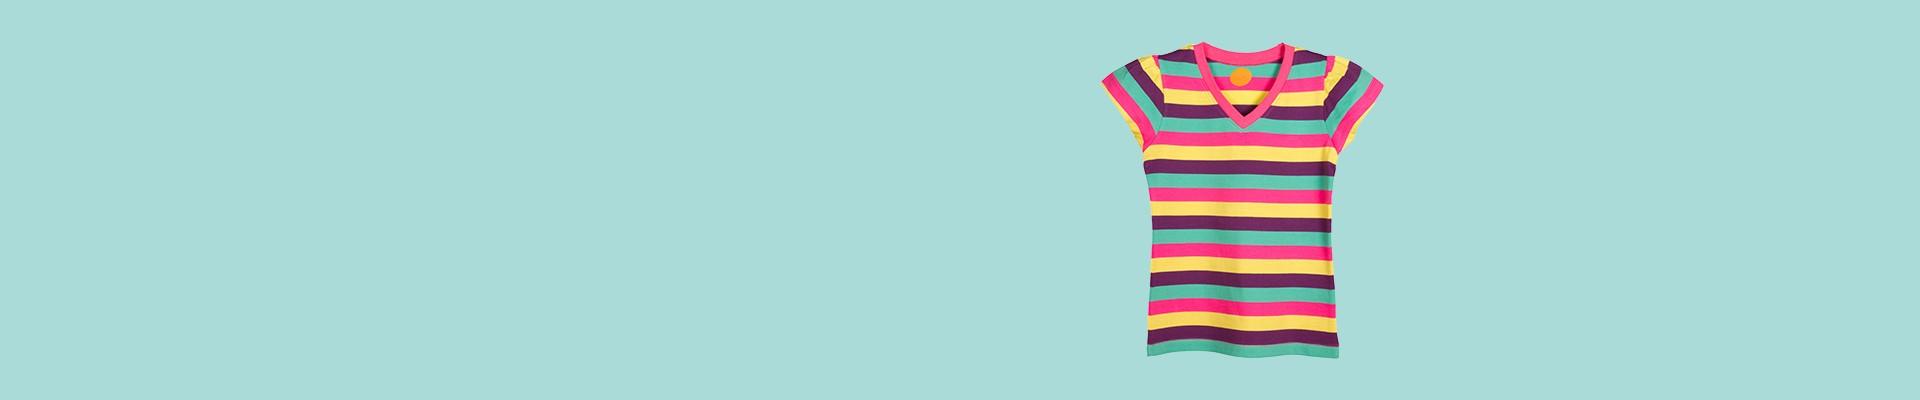 Jual Kaos & T Shirt Anak Perempuan - Harga Terbaik